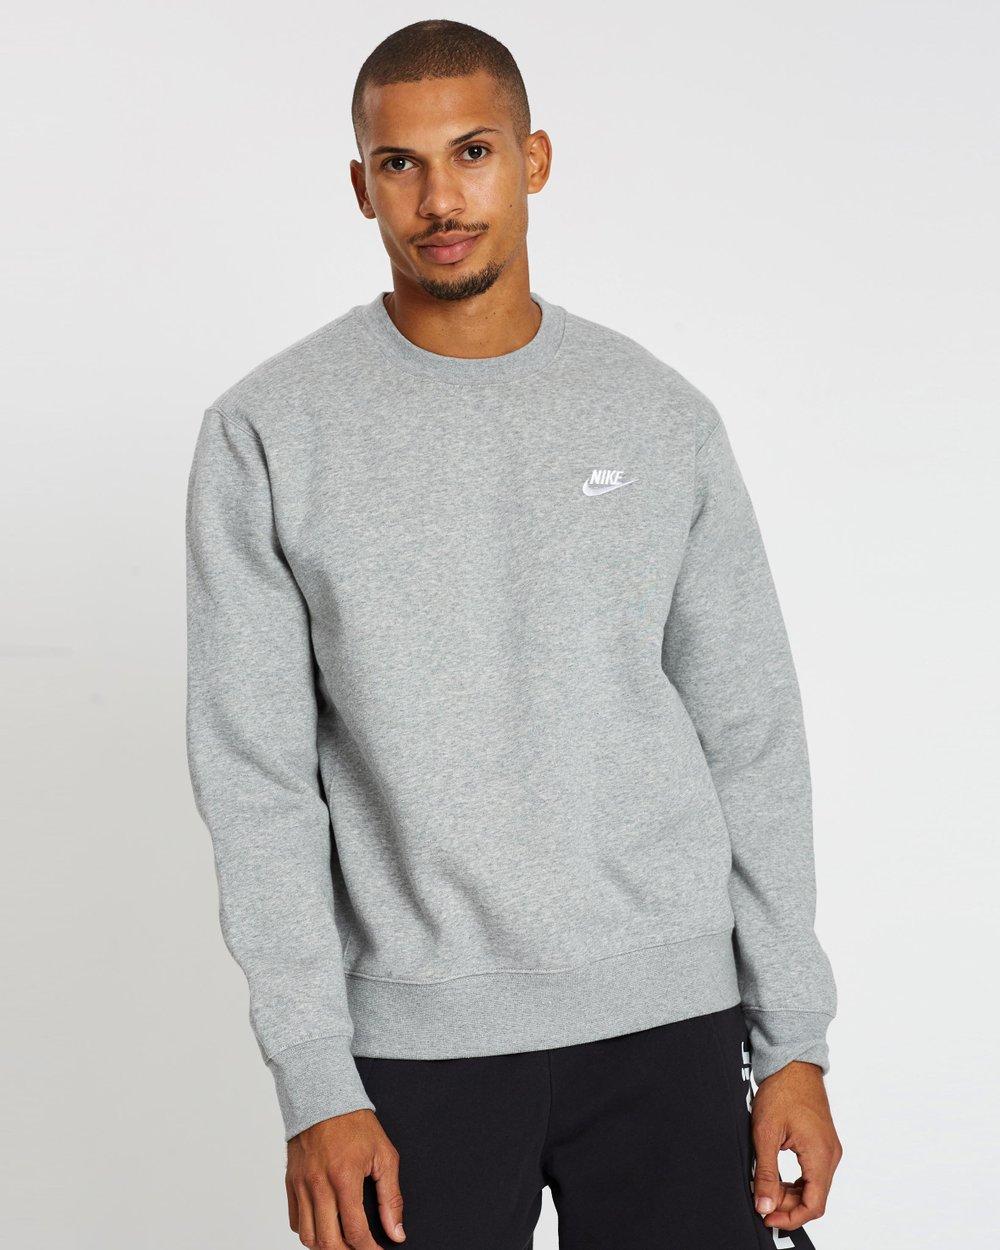 Subtropical Productivo Presta atención a  Club Crew Sweatshirt by Nike Online   THE ICONIC   Australia